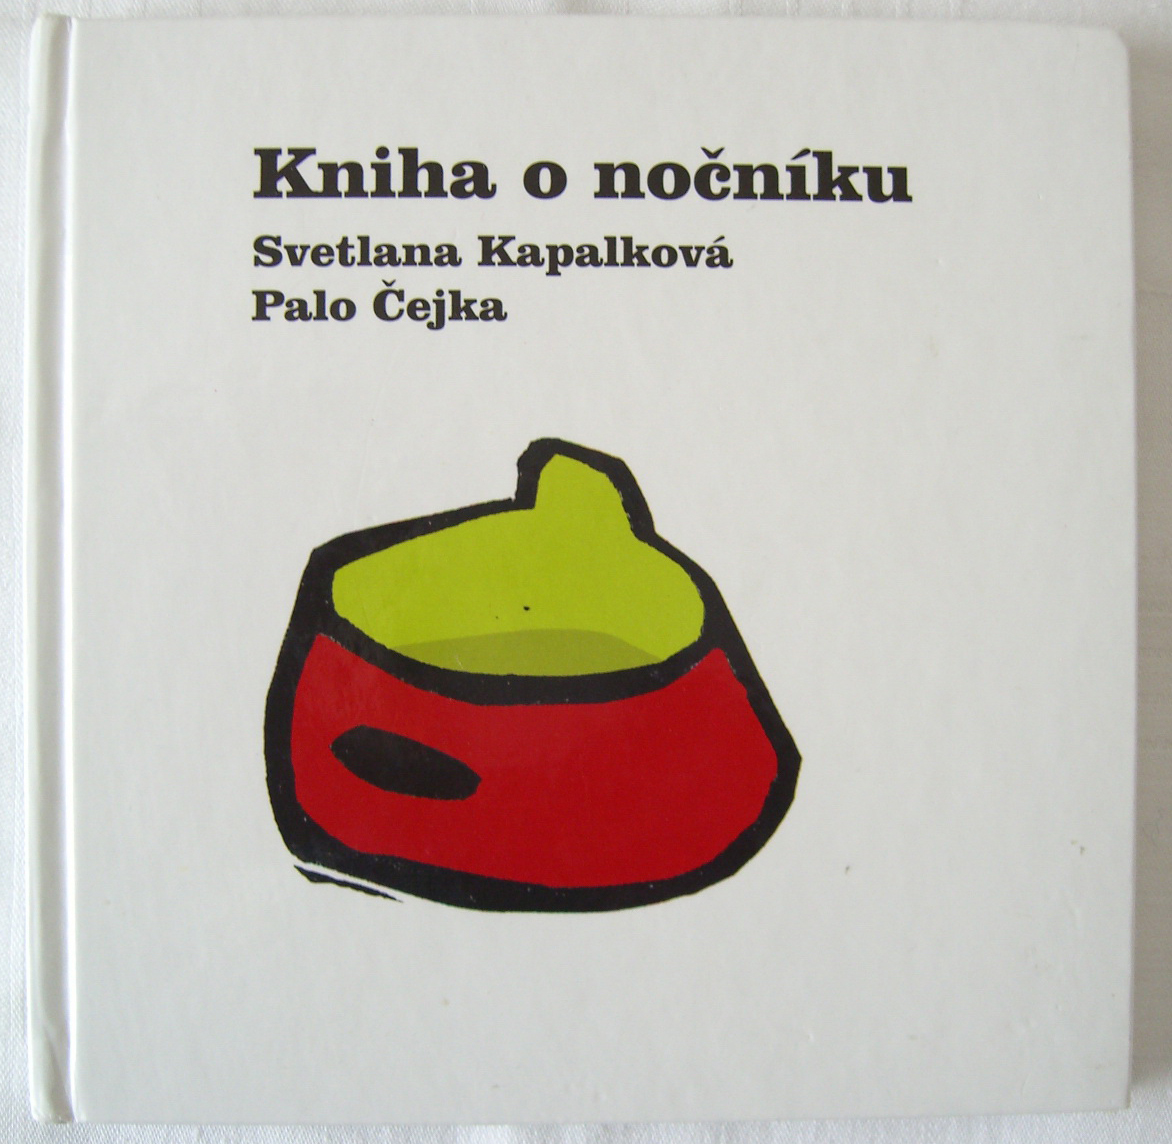 Svetlana Kapalkova Kniha o nočníku